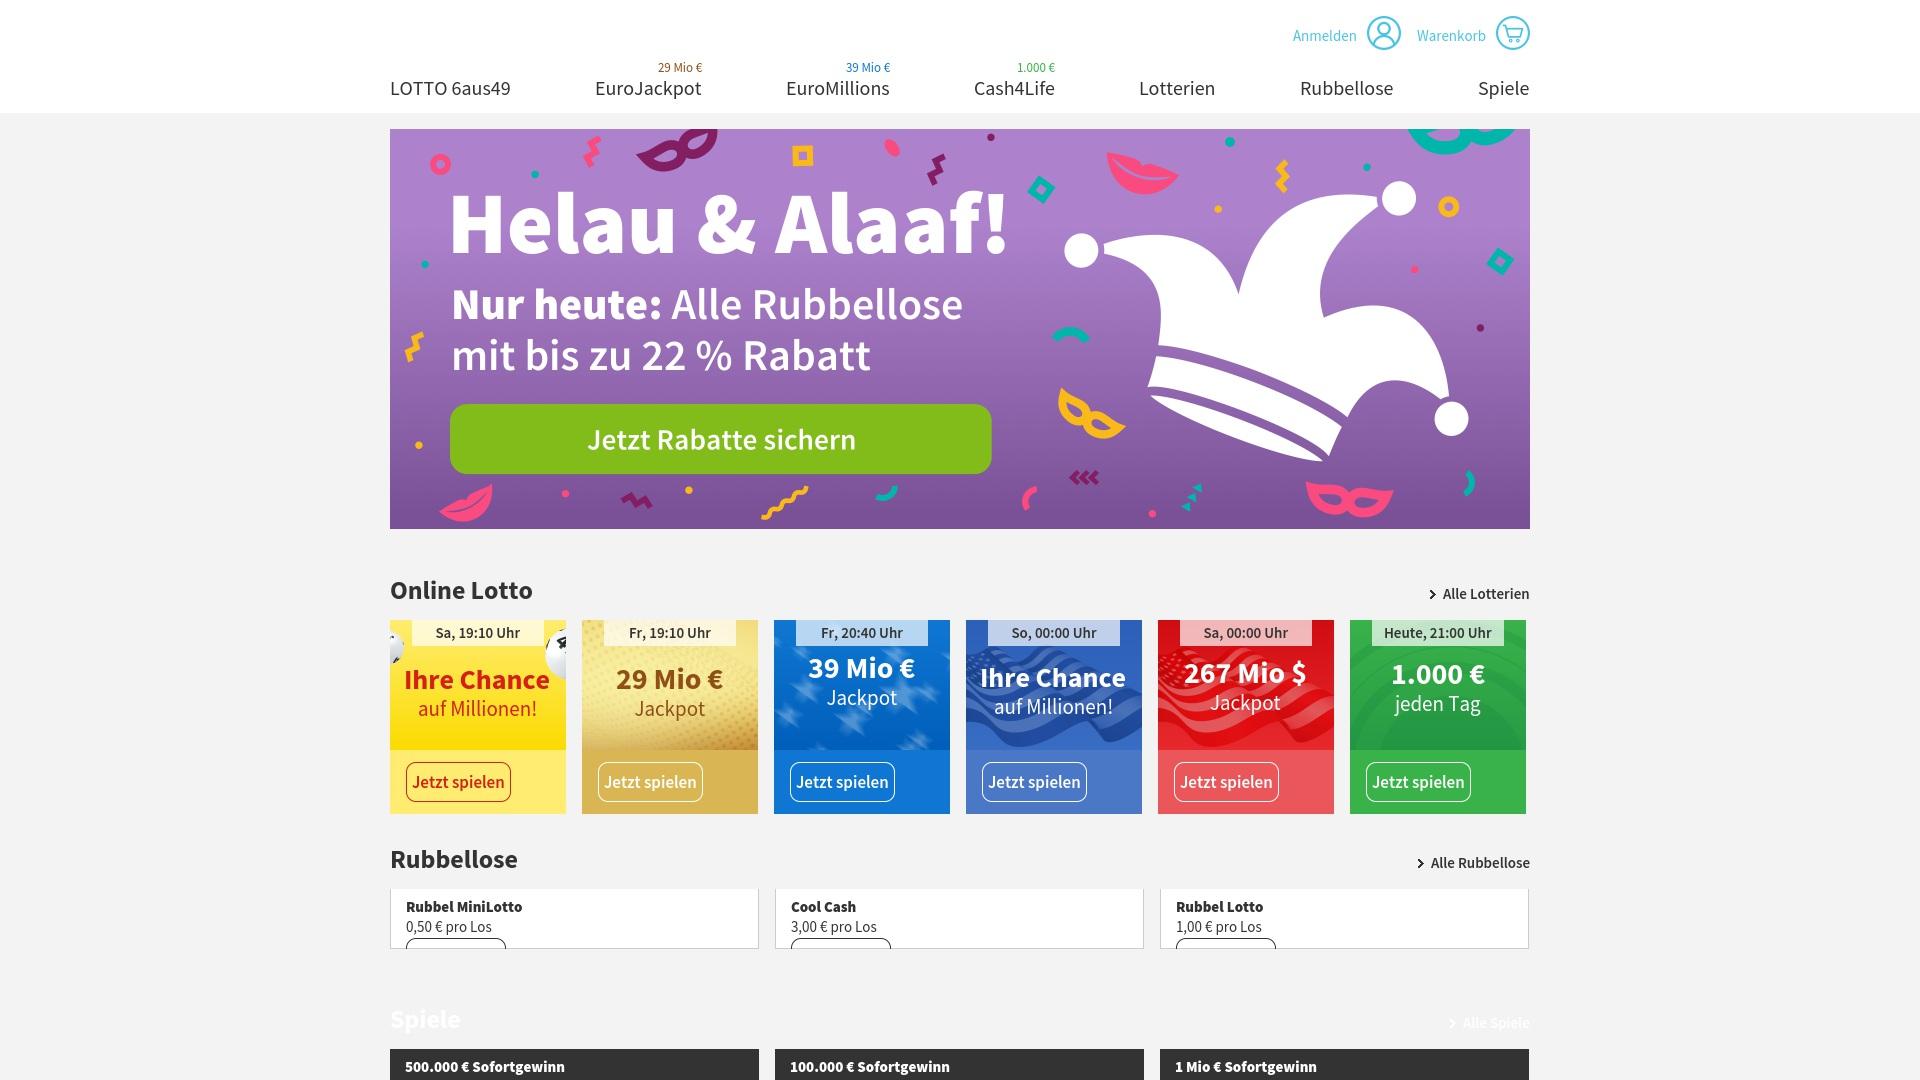 Gutschein für Lottohelden: Rabatte für  Lottohelden sichern